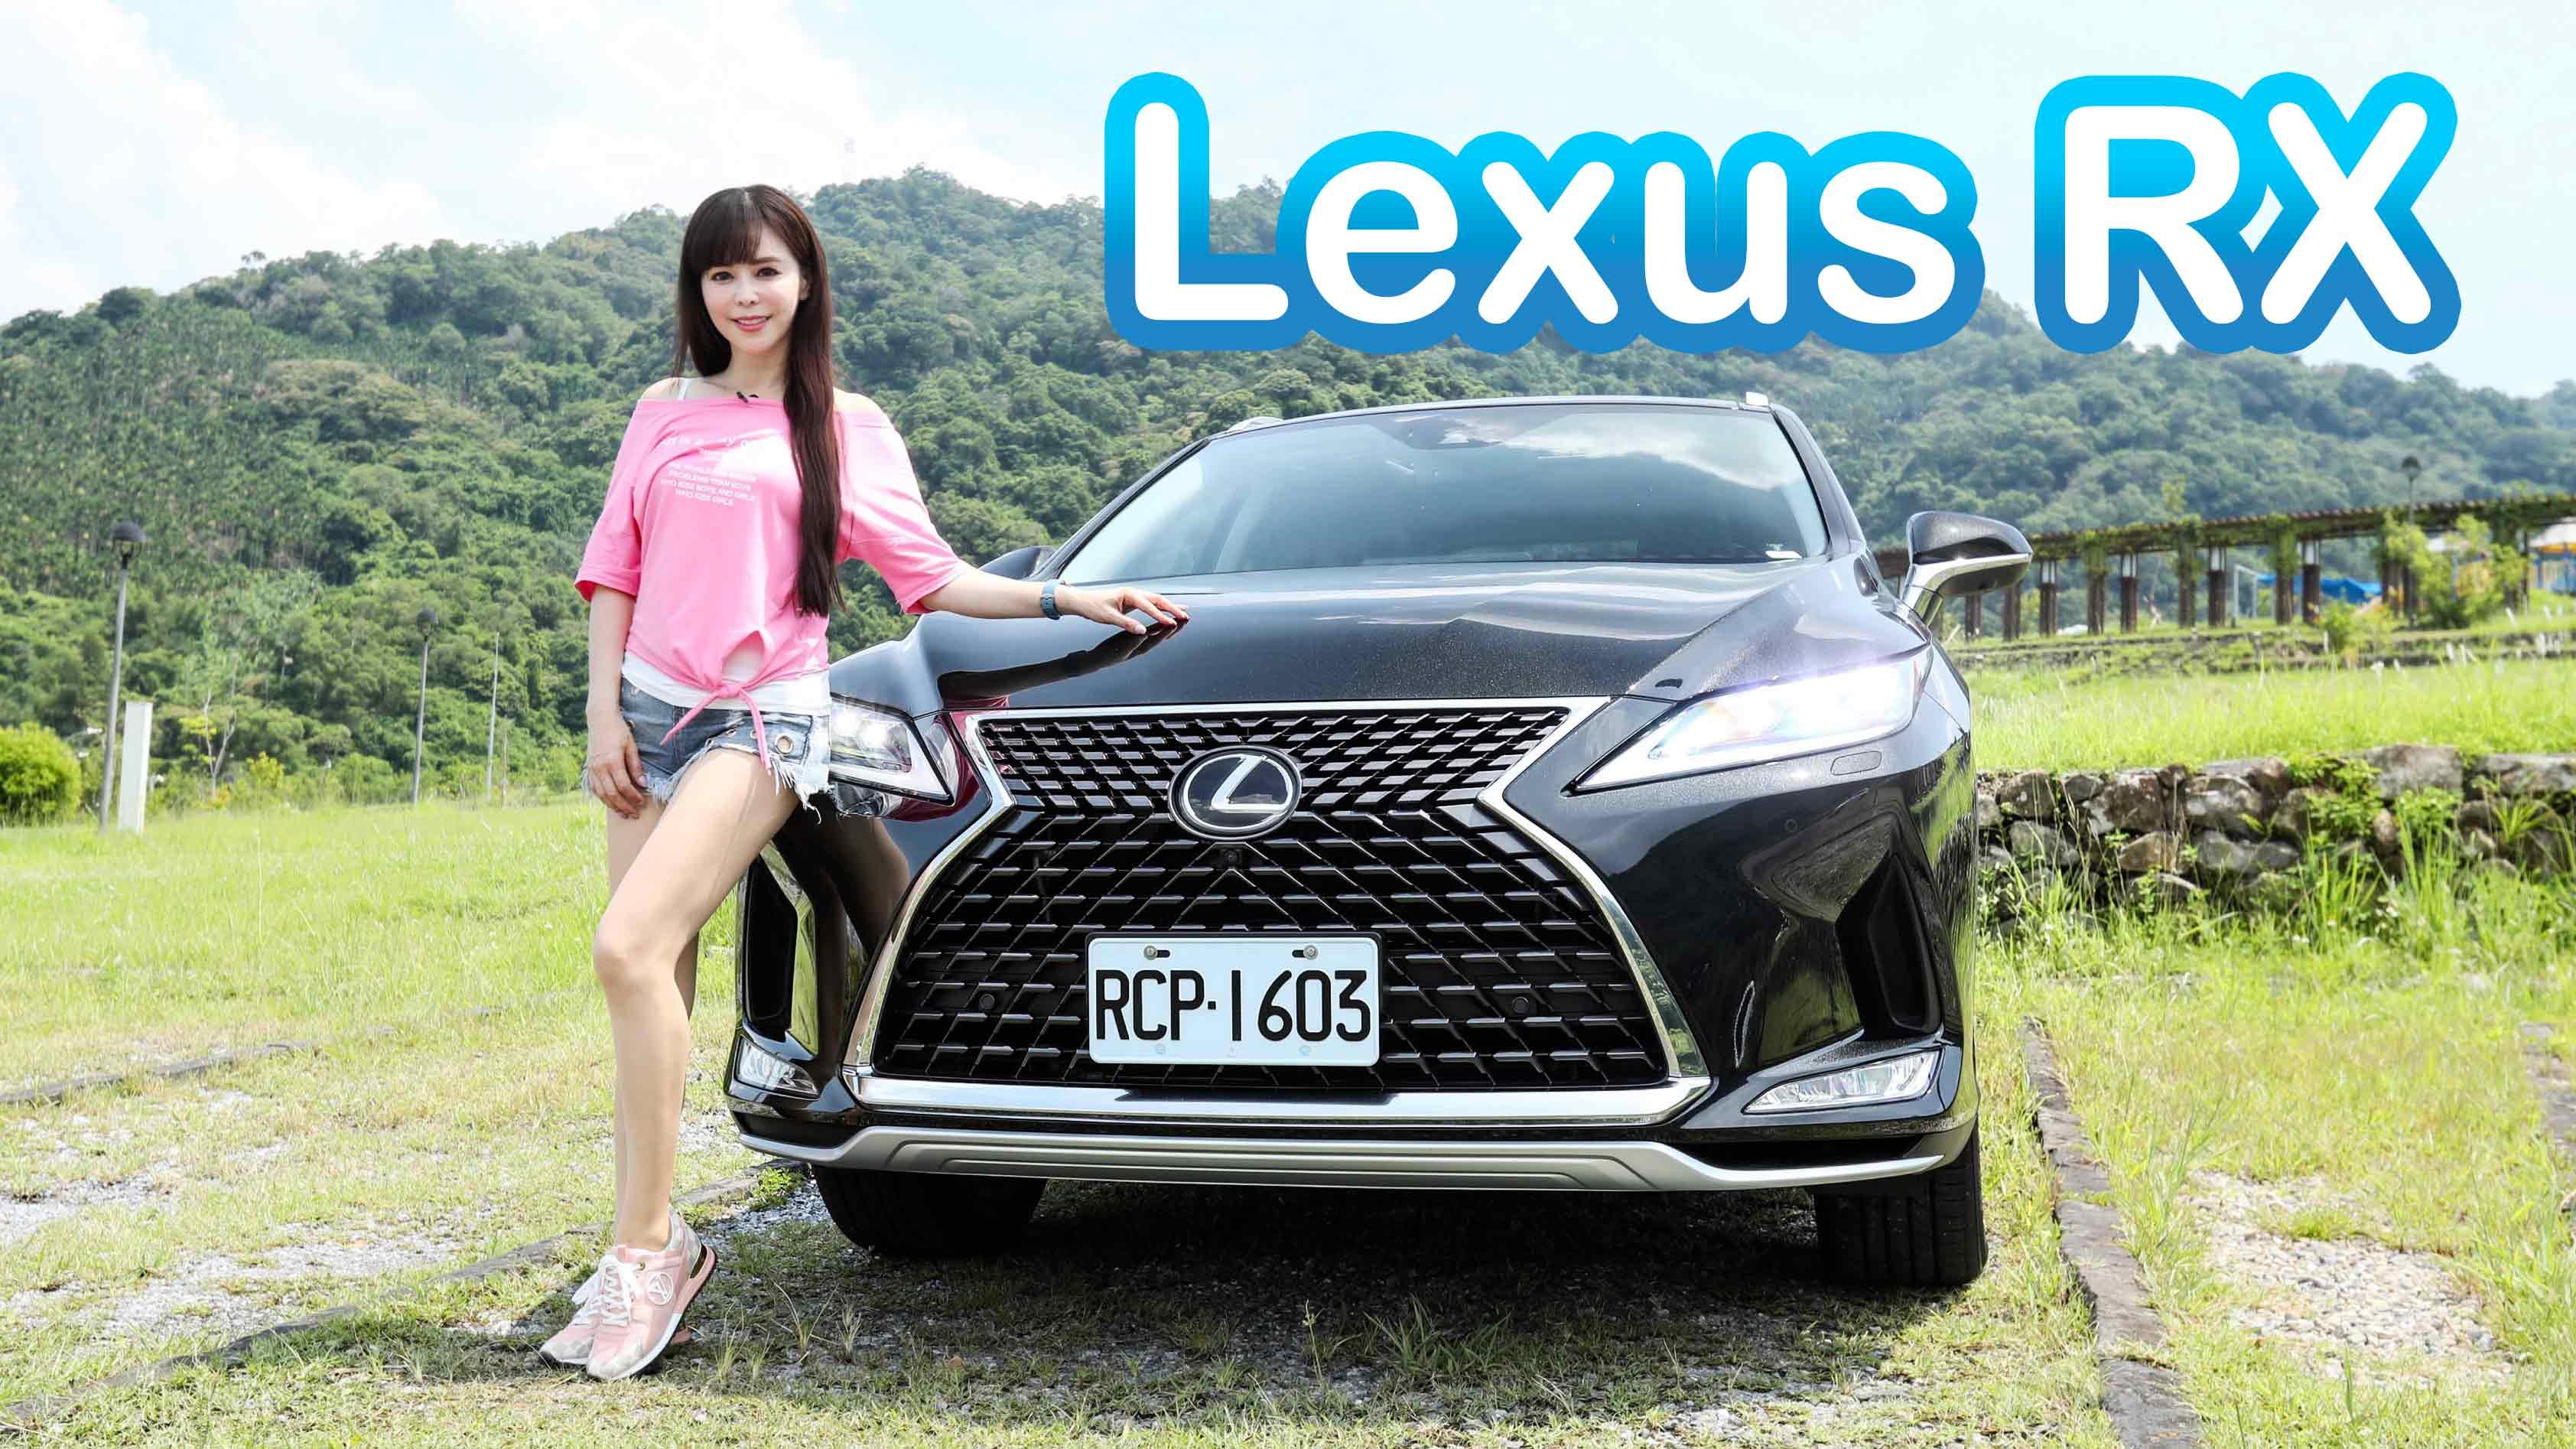 【♀︎冠儀試車日記】安全有感升級!女孩兒也能當老司機|Lexus RX300 新車試駕